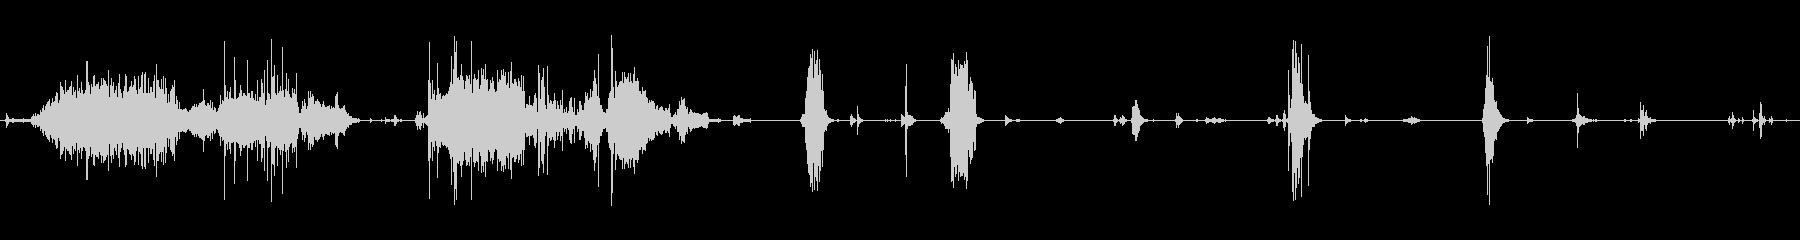 汁気のある食べ物を食べる音(01)の未再生の波形